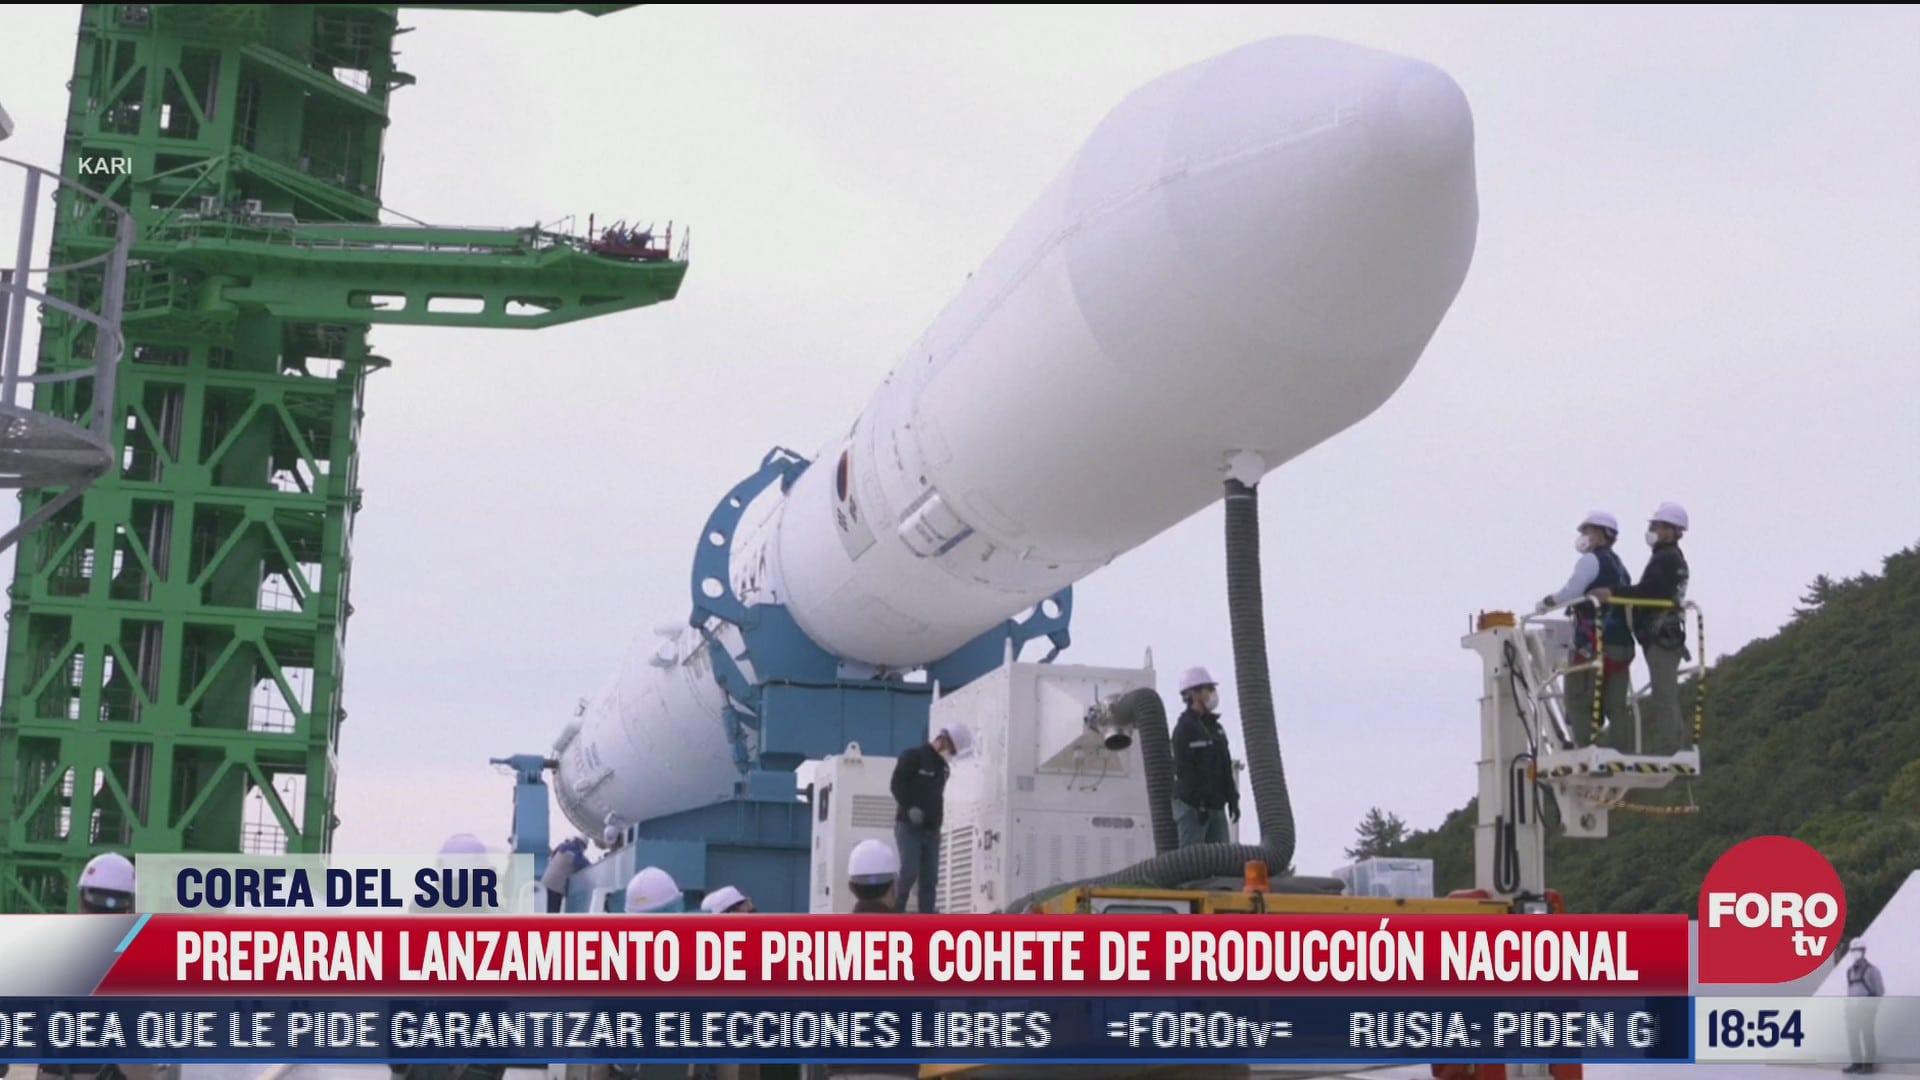 corea del sur lanzara su primer vehiculo espacial